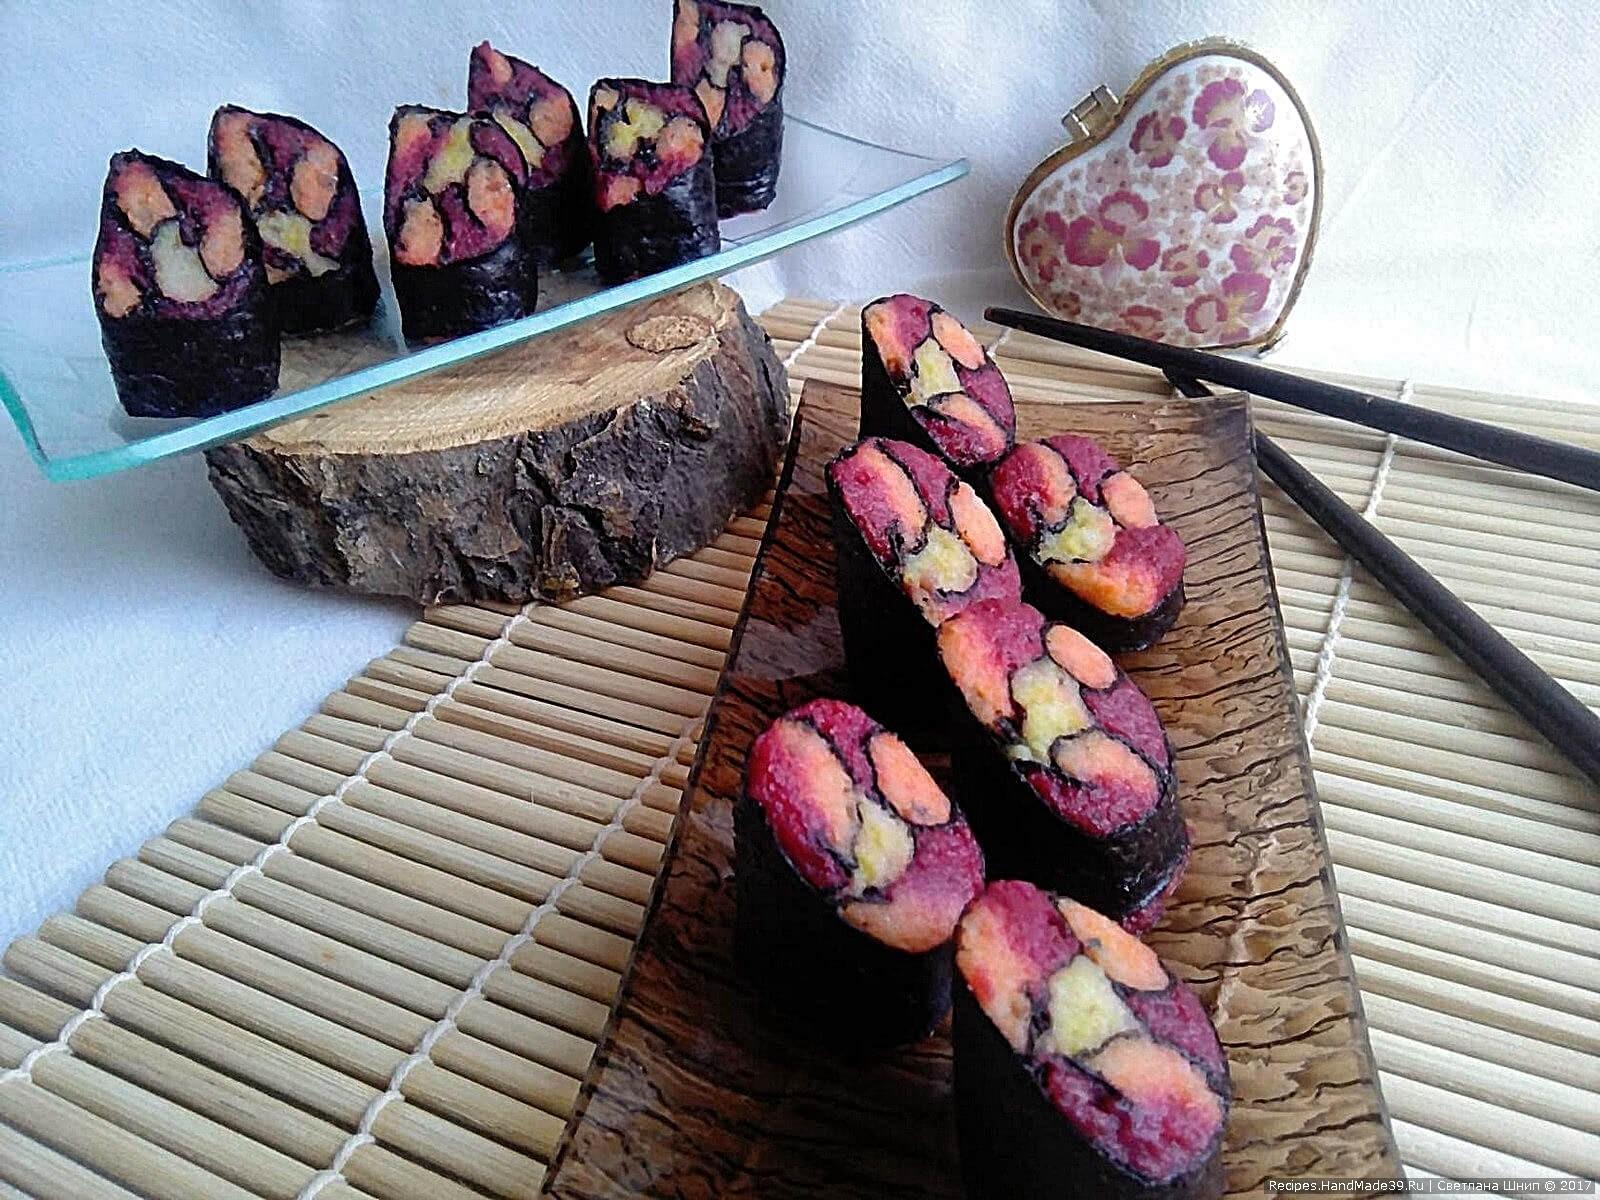 Праздничная закуска с сельдью и овощами «Витражи» – пошаговый рецепт с фото. Приятного аппетита!